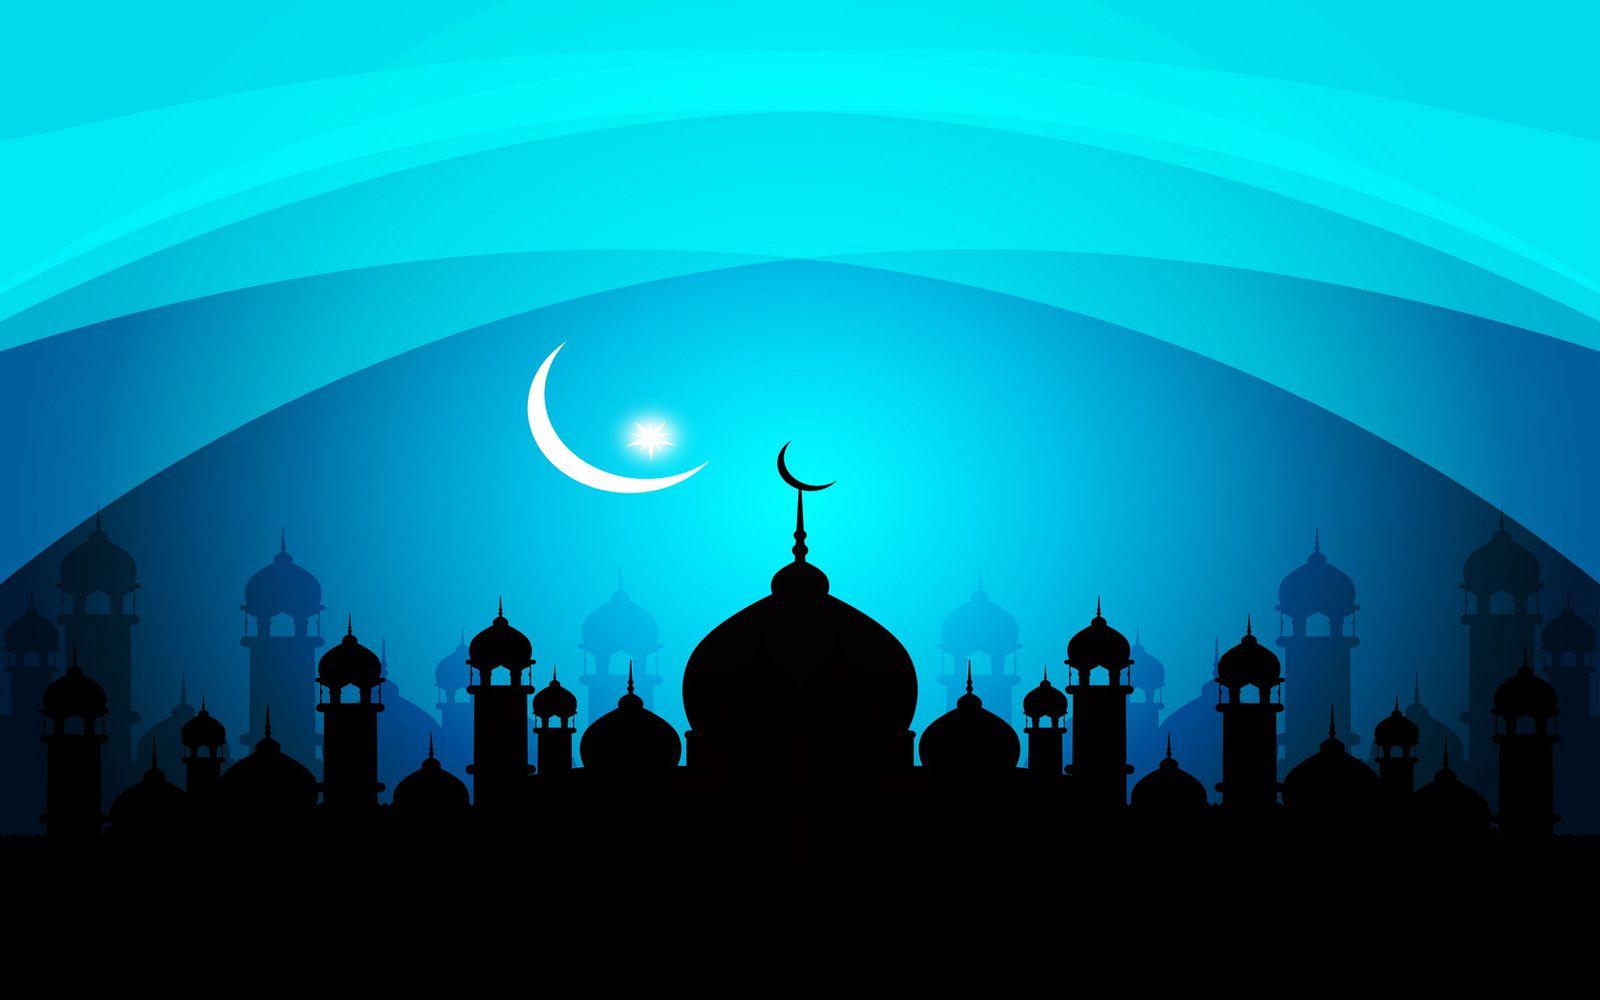 La mosquée  Mosquée Othmane Ibn Affane  à bésoin de dons